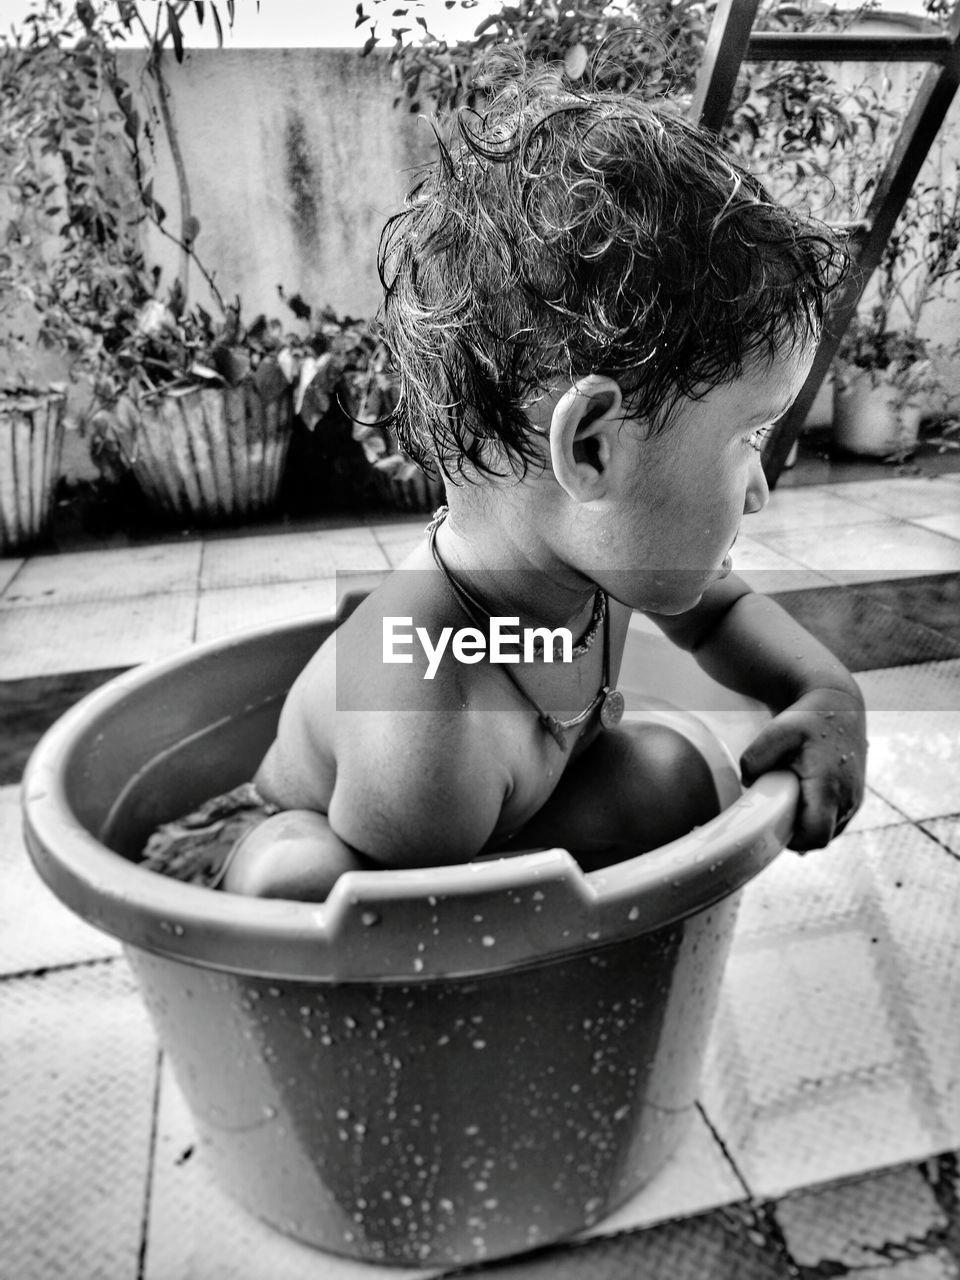 Boy In Tub